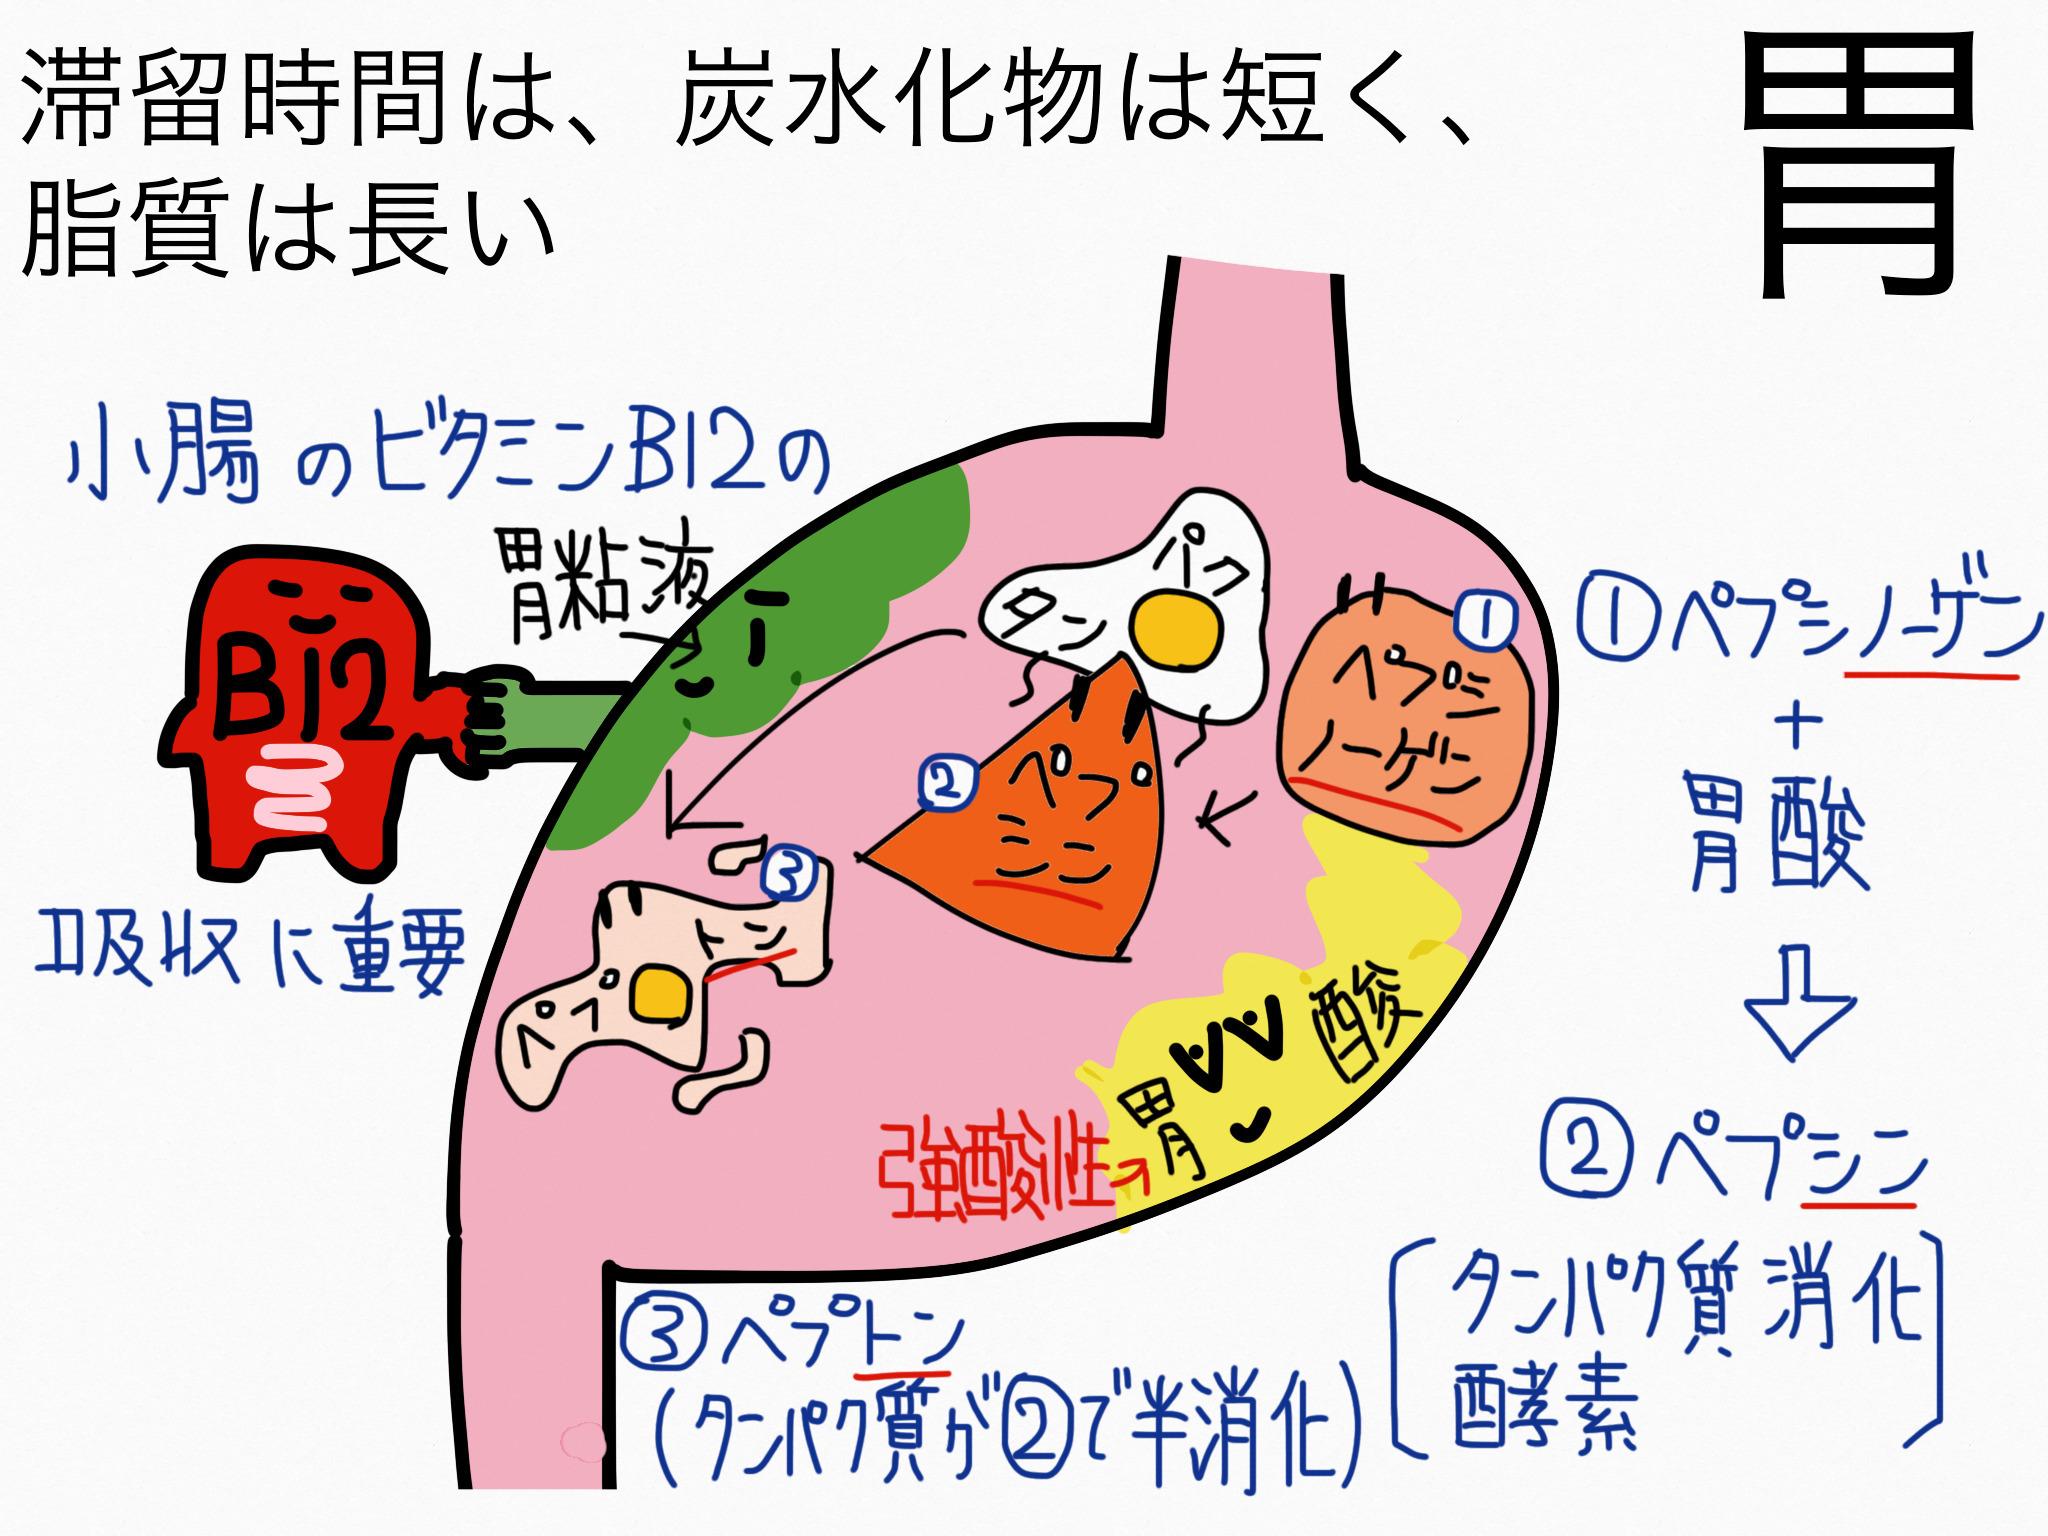 消化器系/胃【第2章の覚え方】